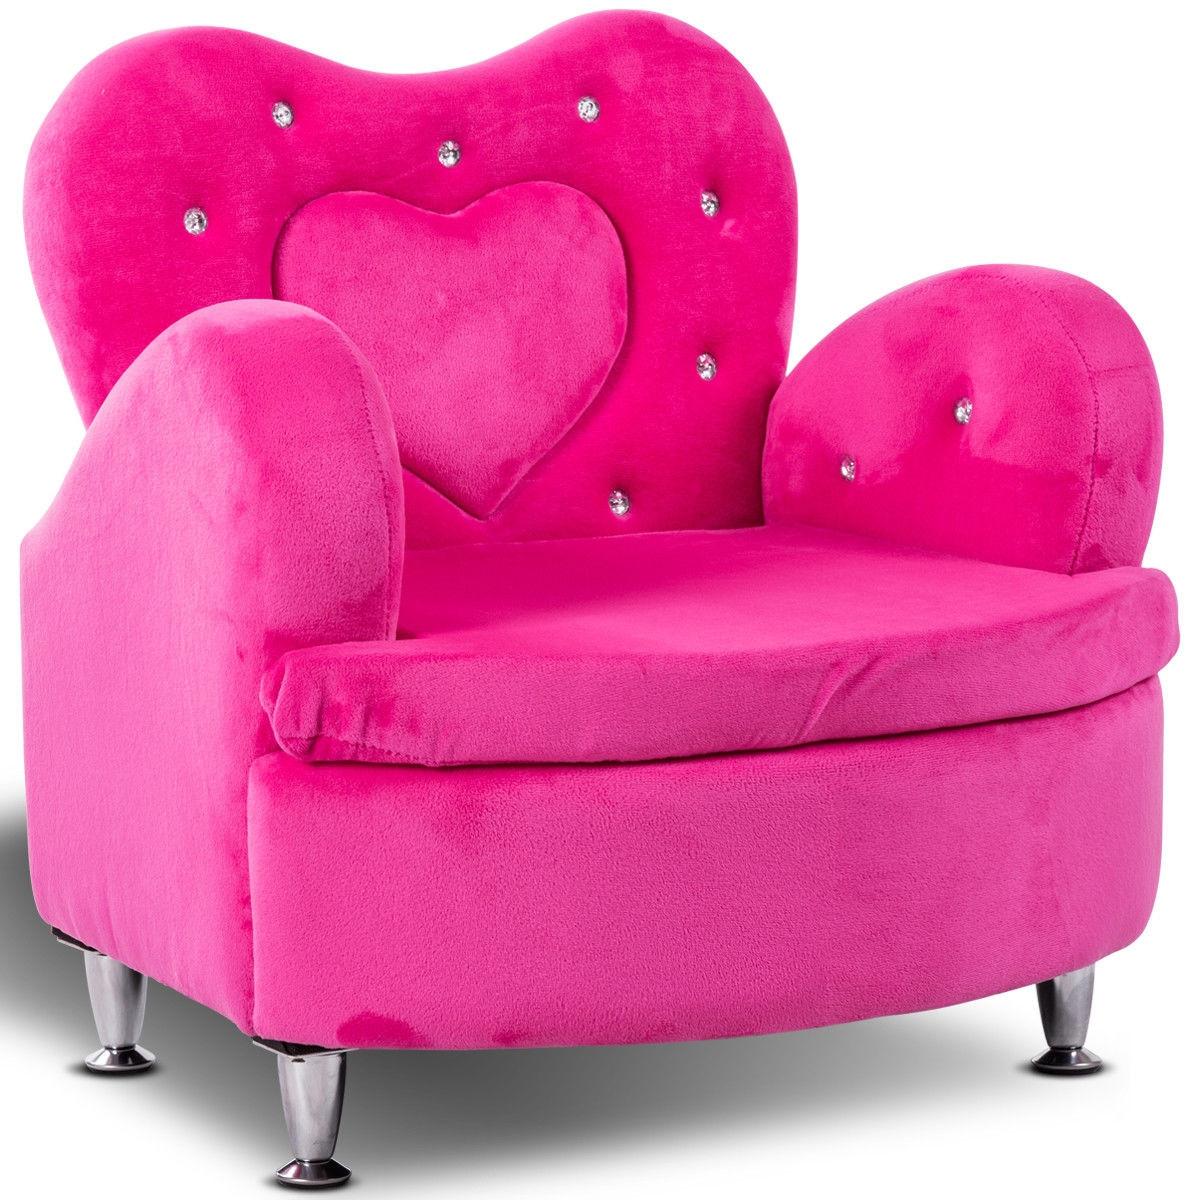 Soft Velvet Armrest Couch Toddler Sofa for $67.95 + FS